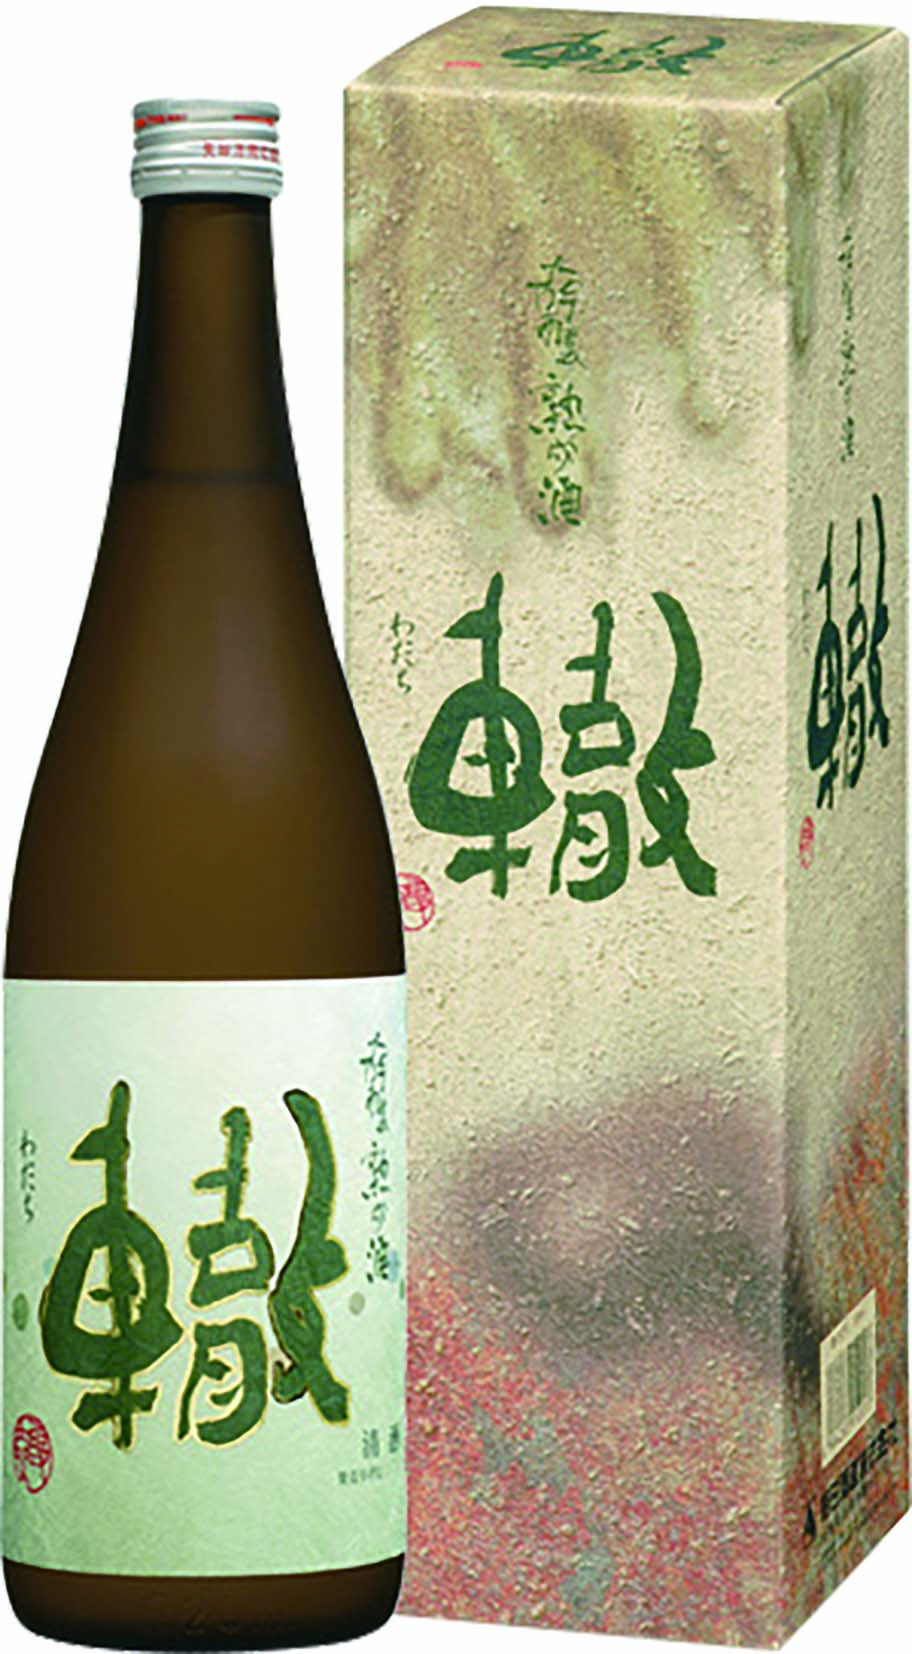 朝日山 轍 大吟醸熟成酒(三年熟成)